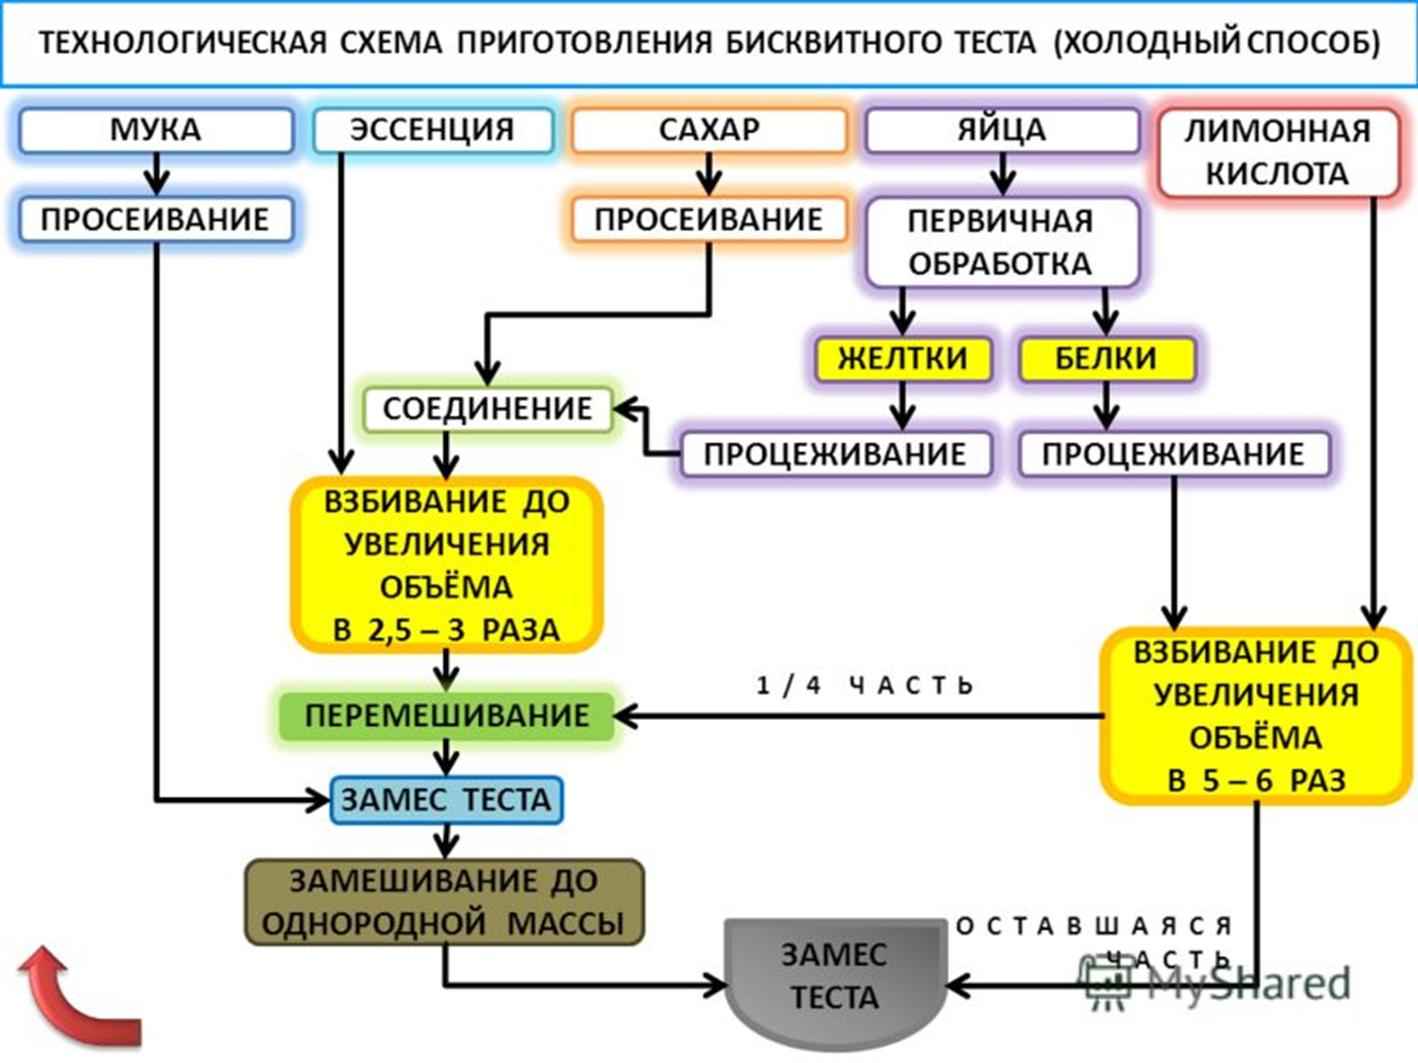 Получение лимонной кислоты схема